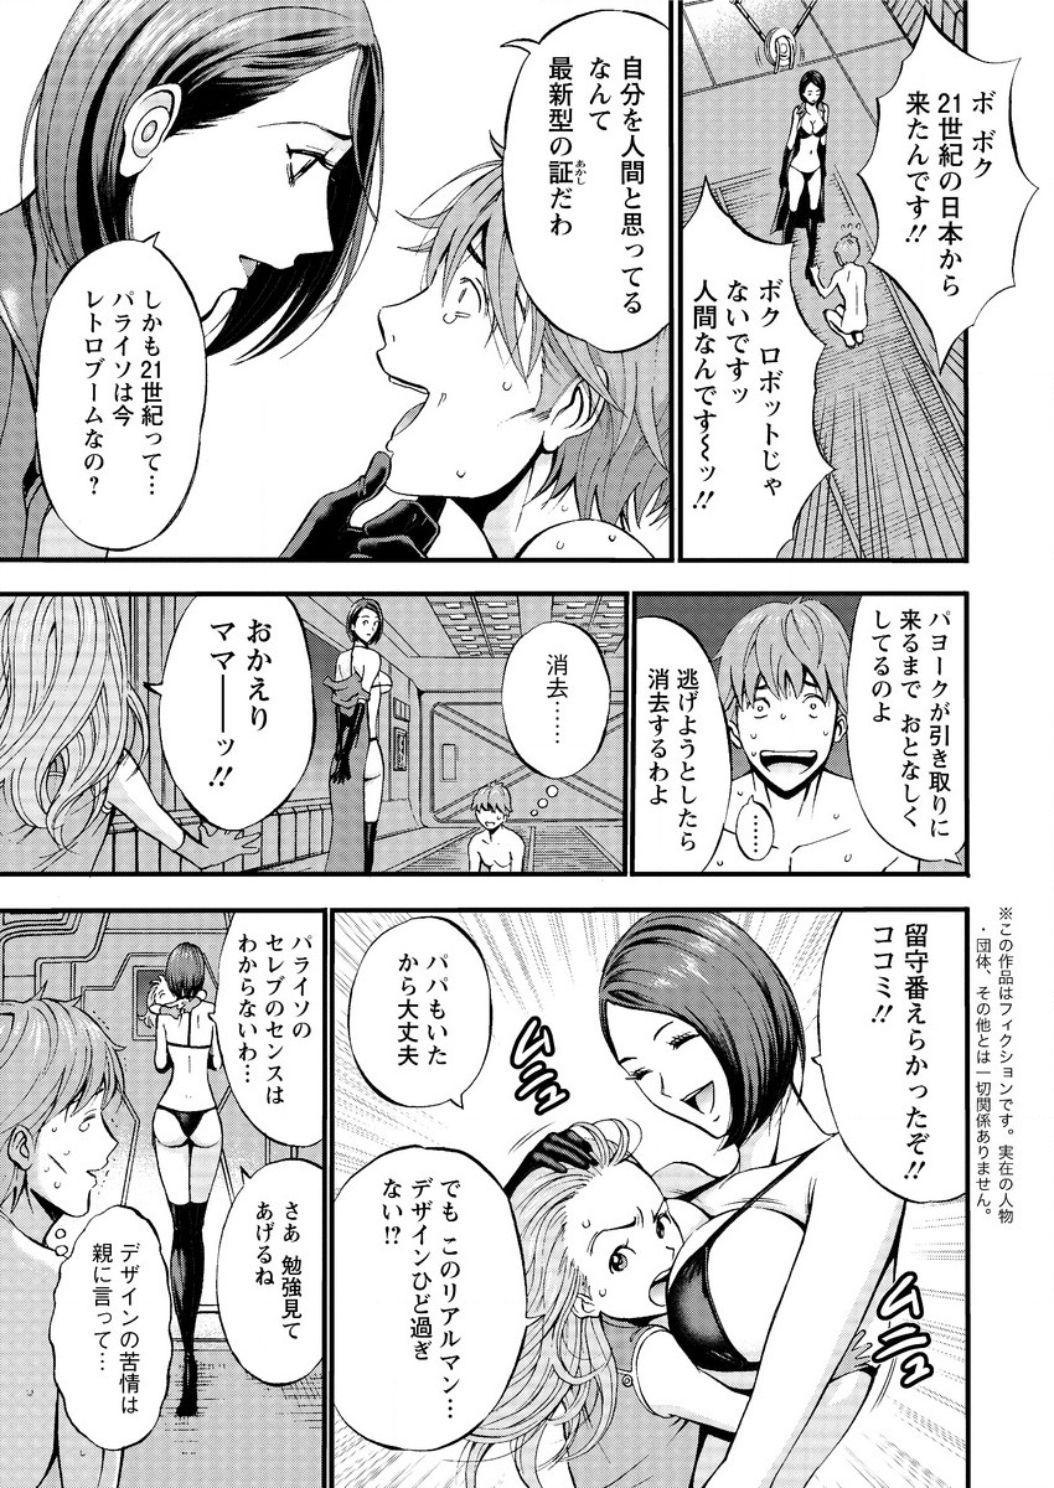 Seireki 2200 Nen no Ota Ch. 1-21 32